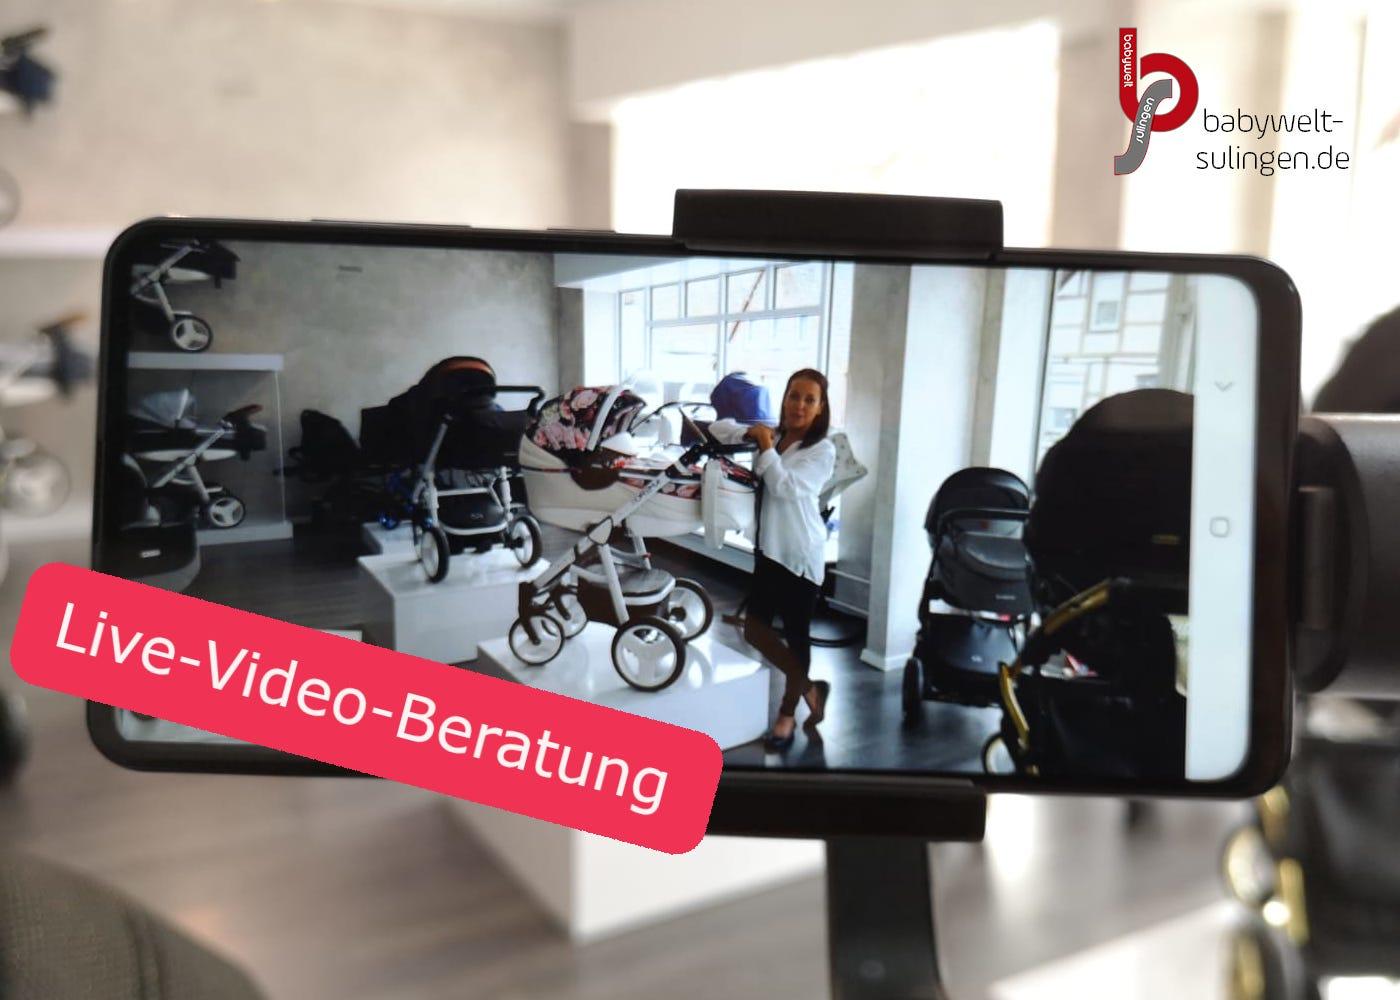 videoberatung2